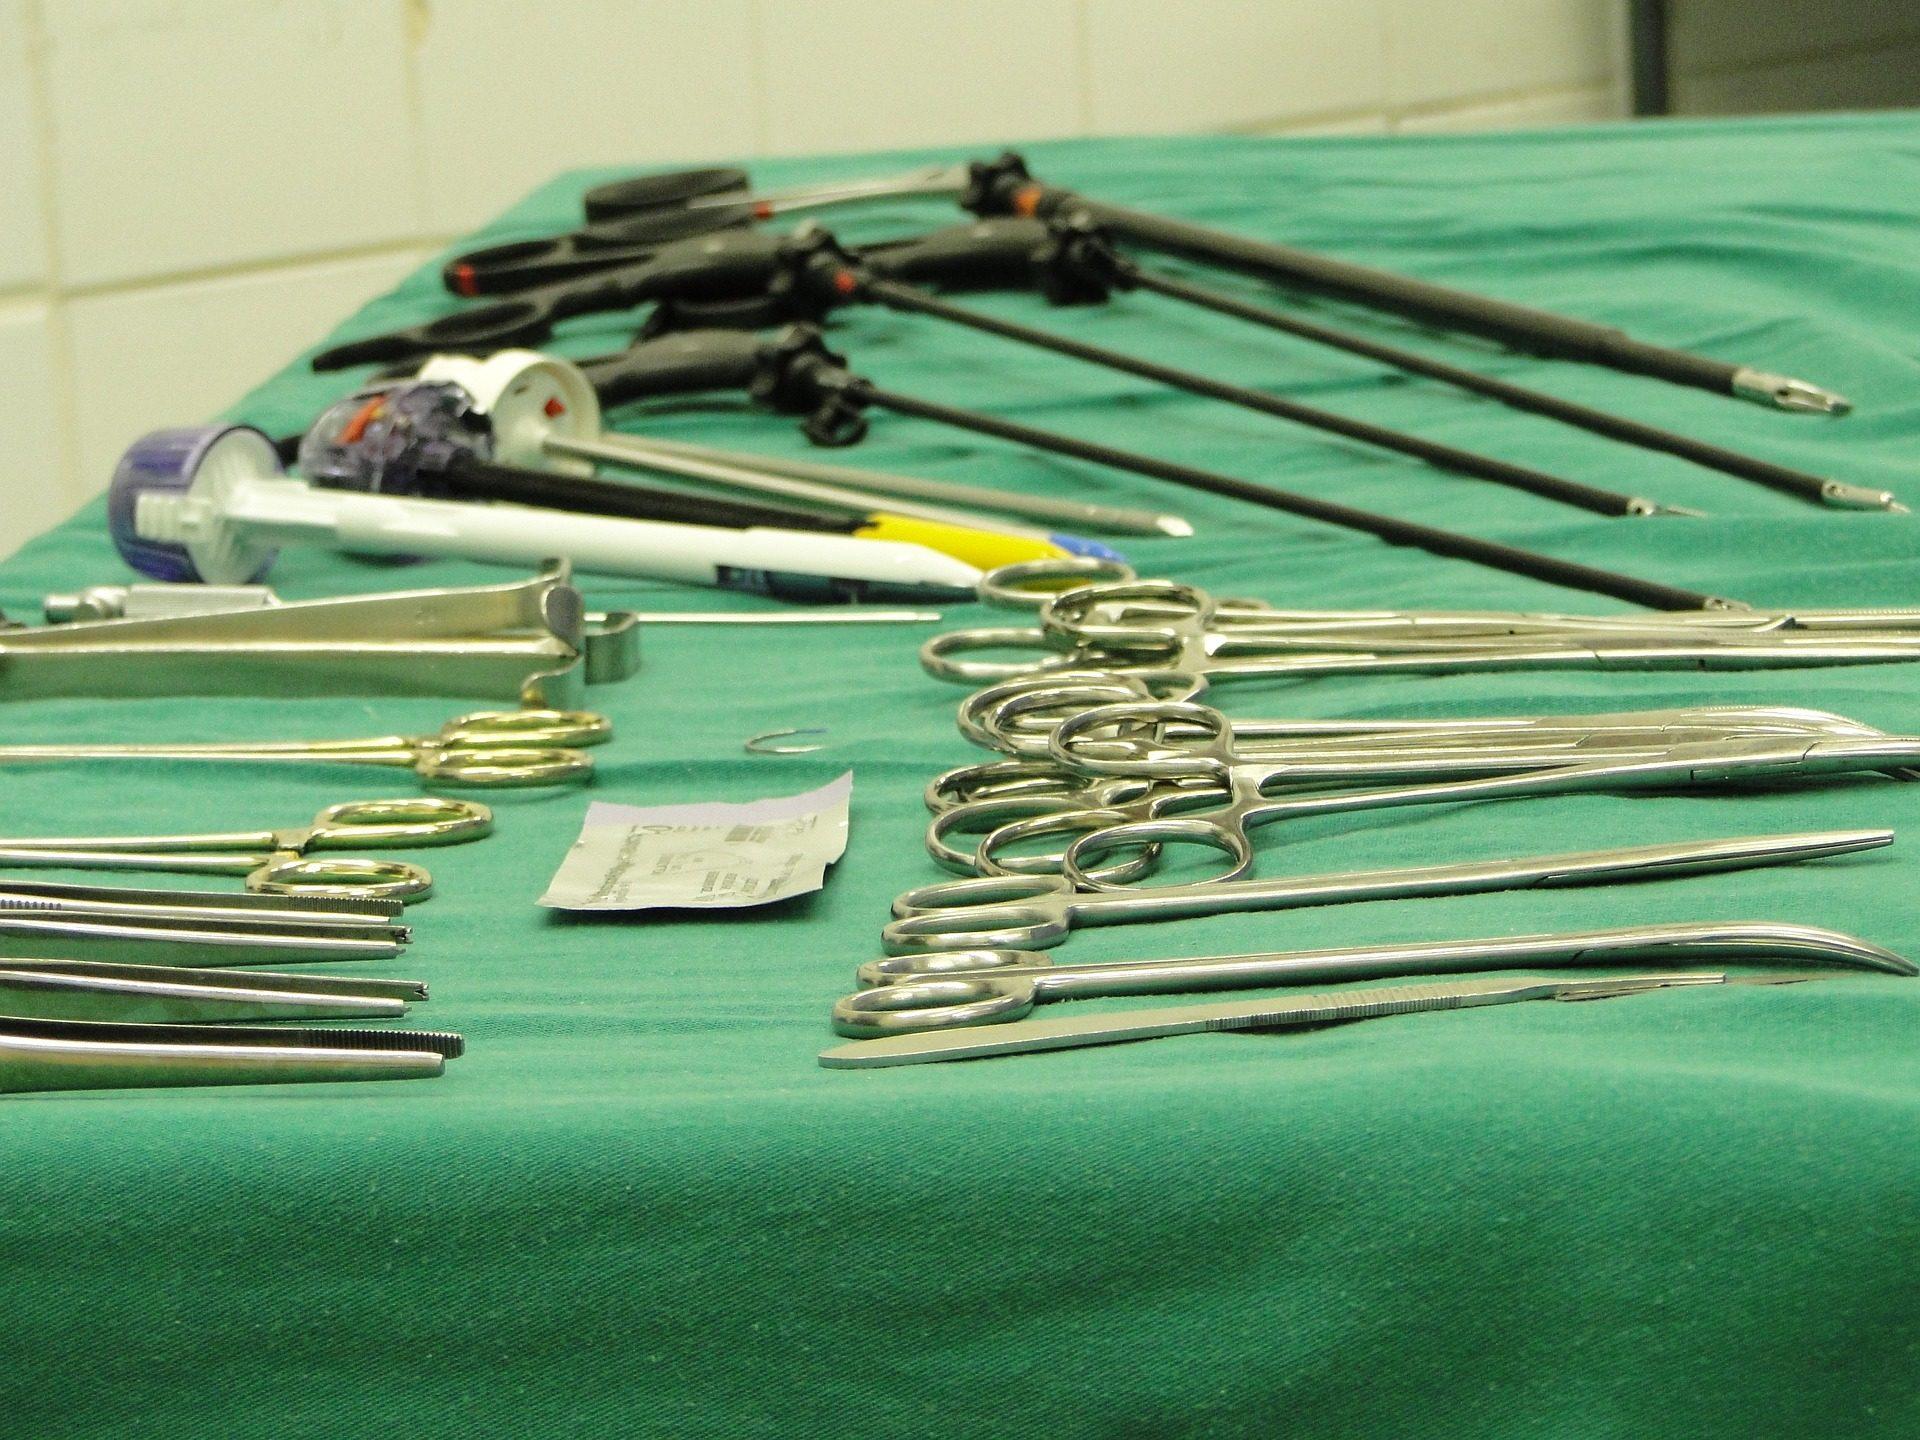 أواني, أدوات, العمليات الجراحية, جراحة, العملية, الطب - خلفيات عالية الدقة - أستاذ falken.com